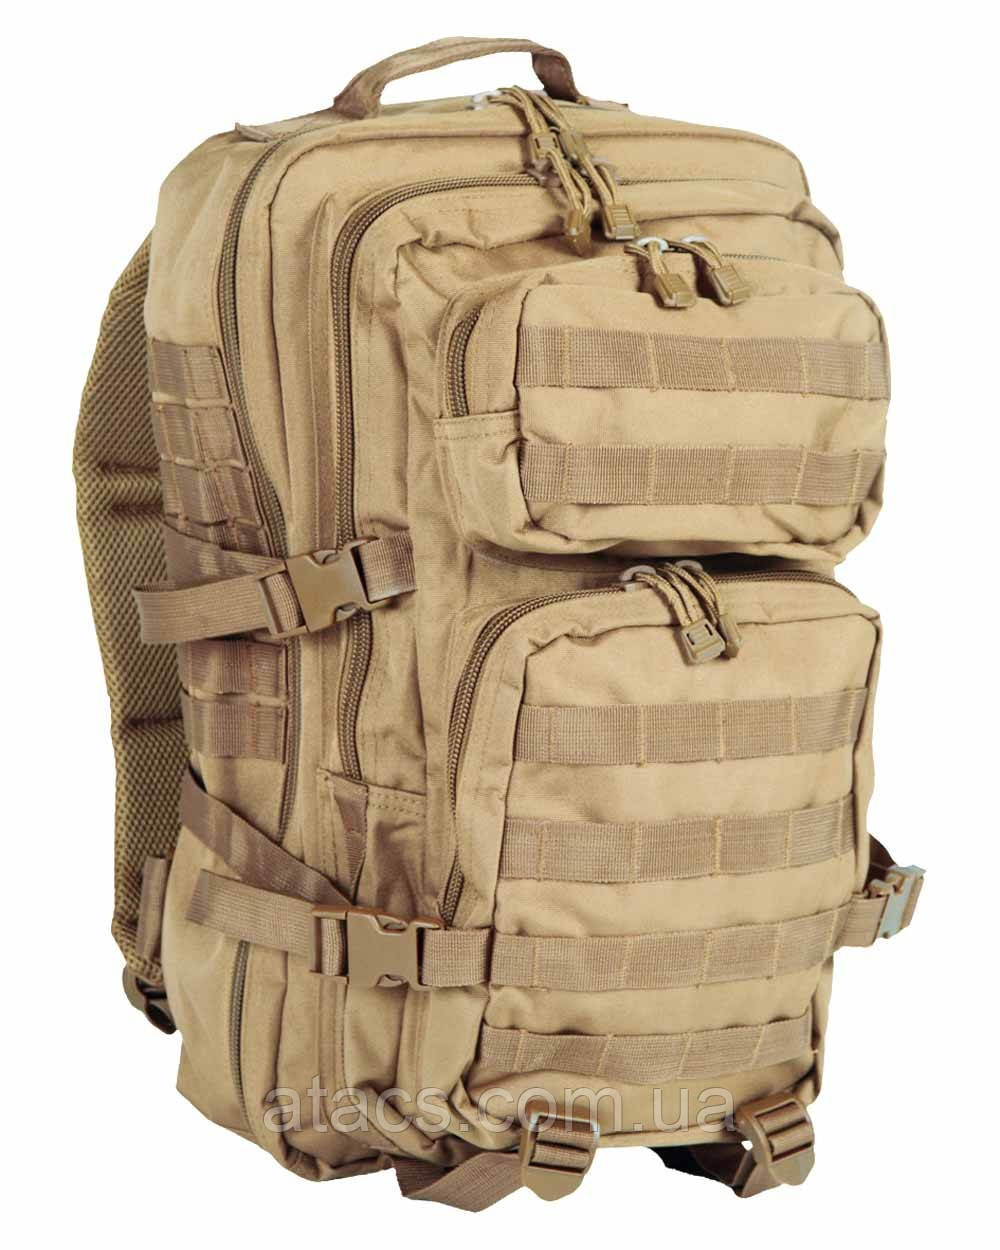 Рюкзаки штурмовые интернет магазин как сшить самодельный рюкзак